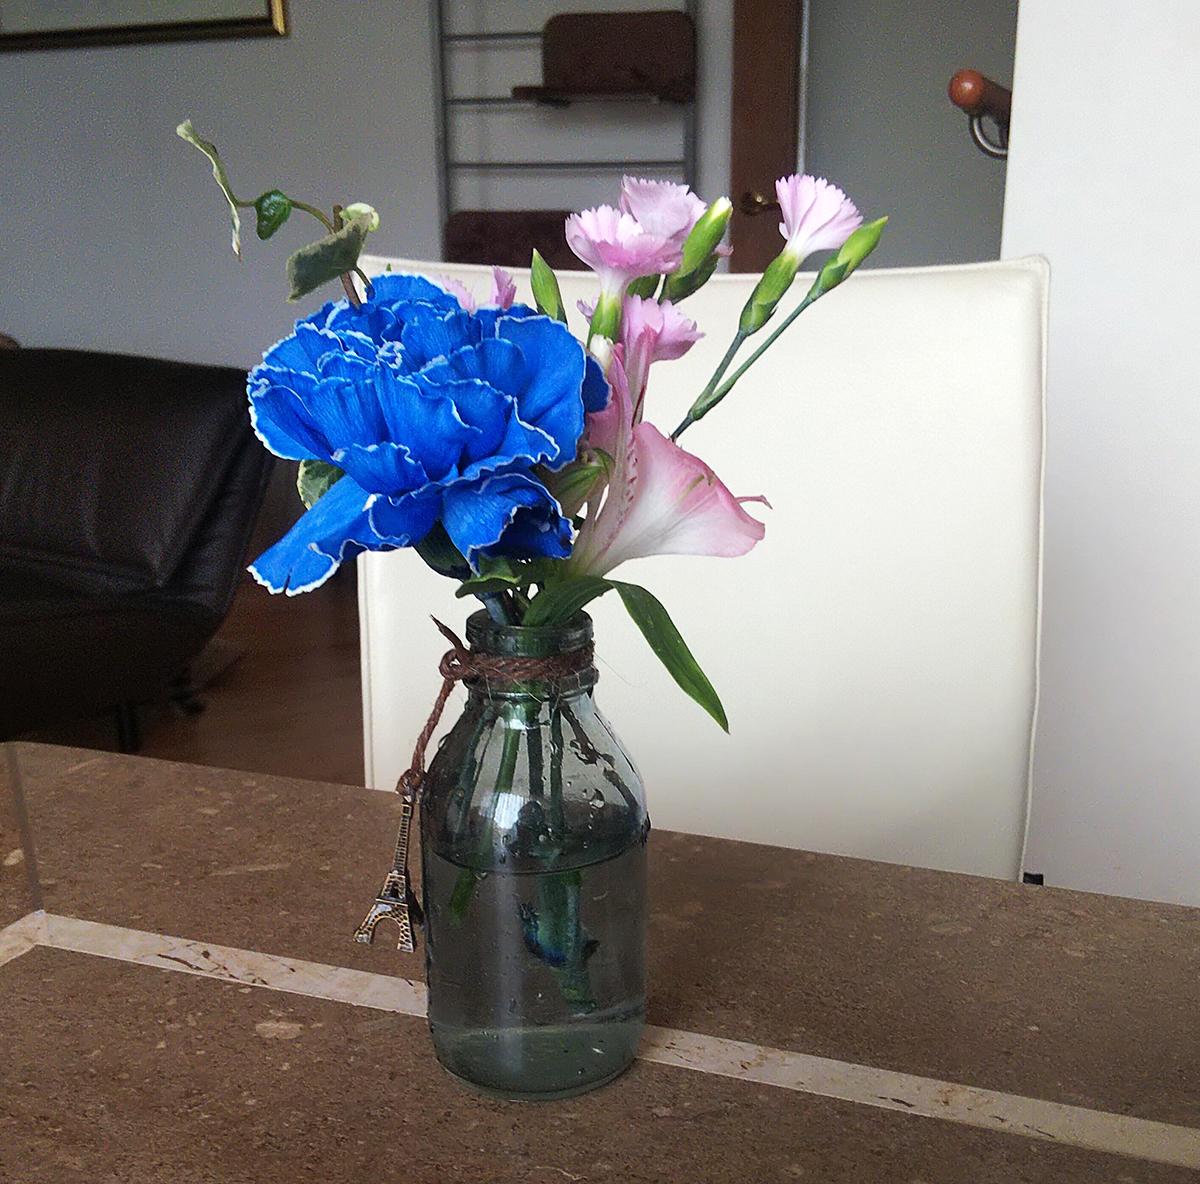 カーネーション(染めブルー)、Spカーネーション(ソネットパーティー)、アルストロメリア(ワンダースイート)、アイビー